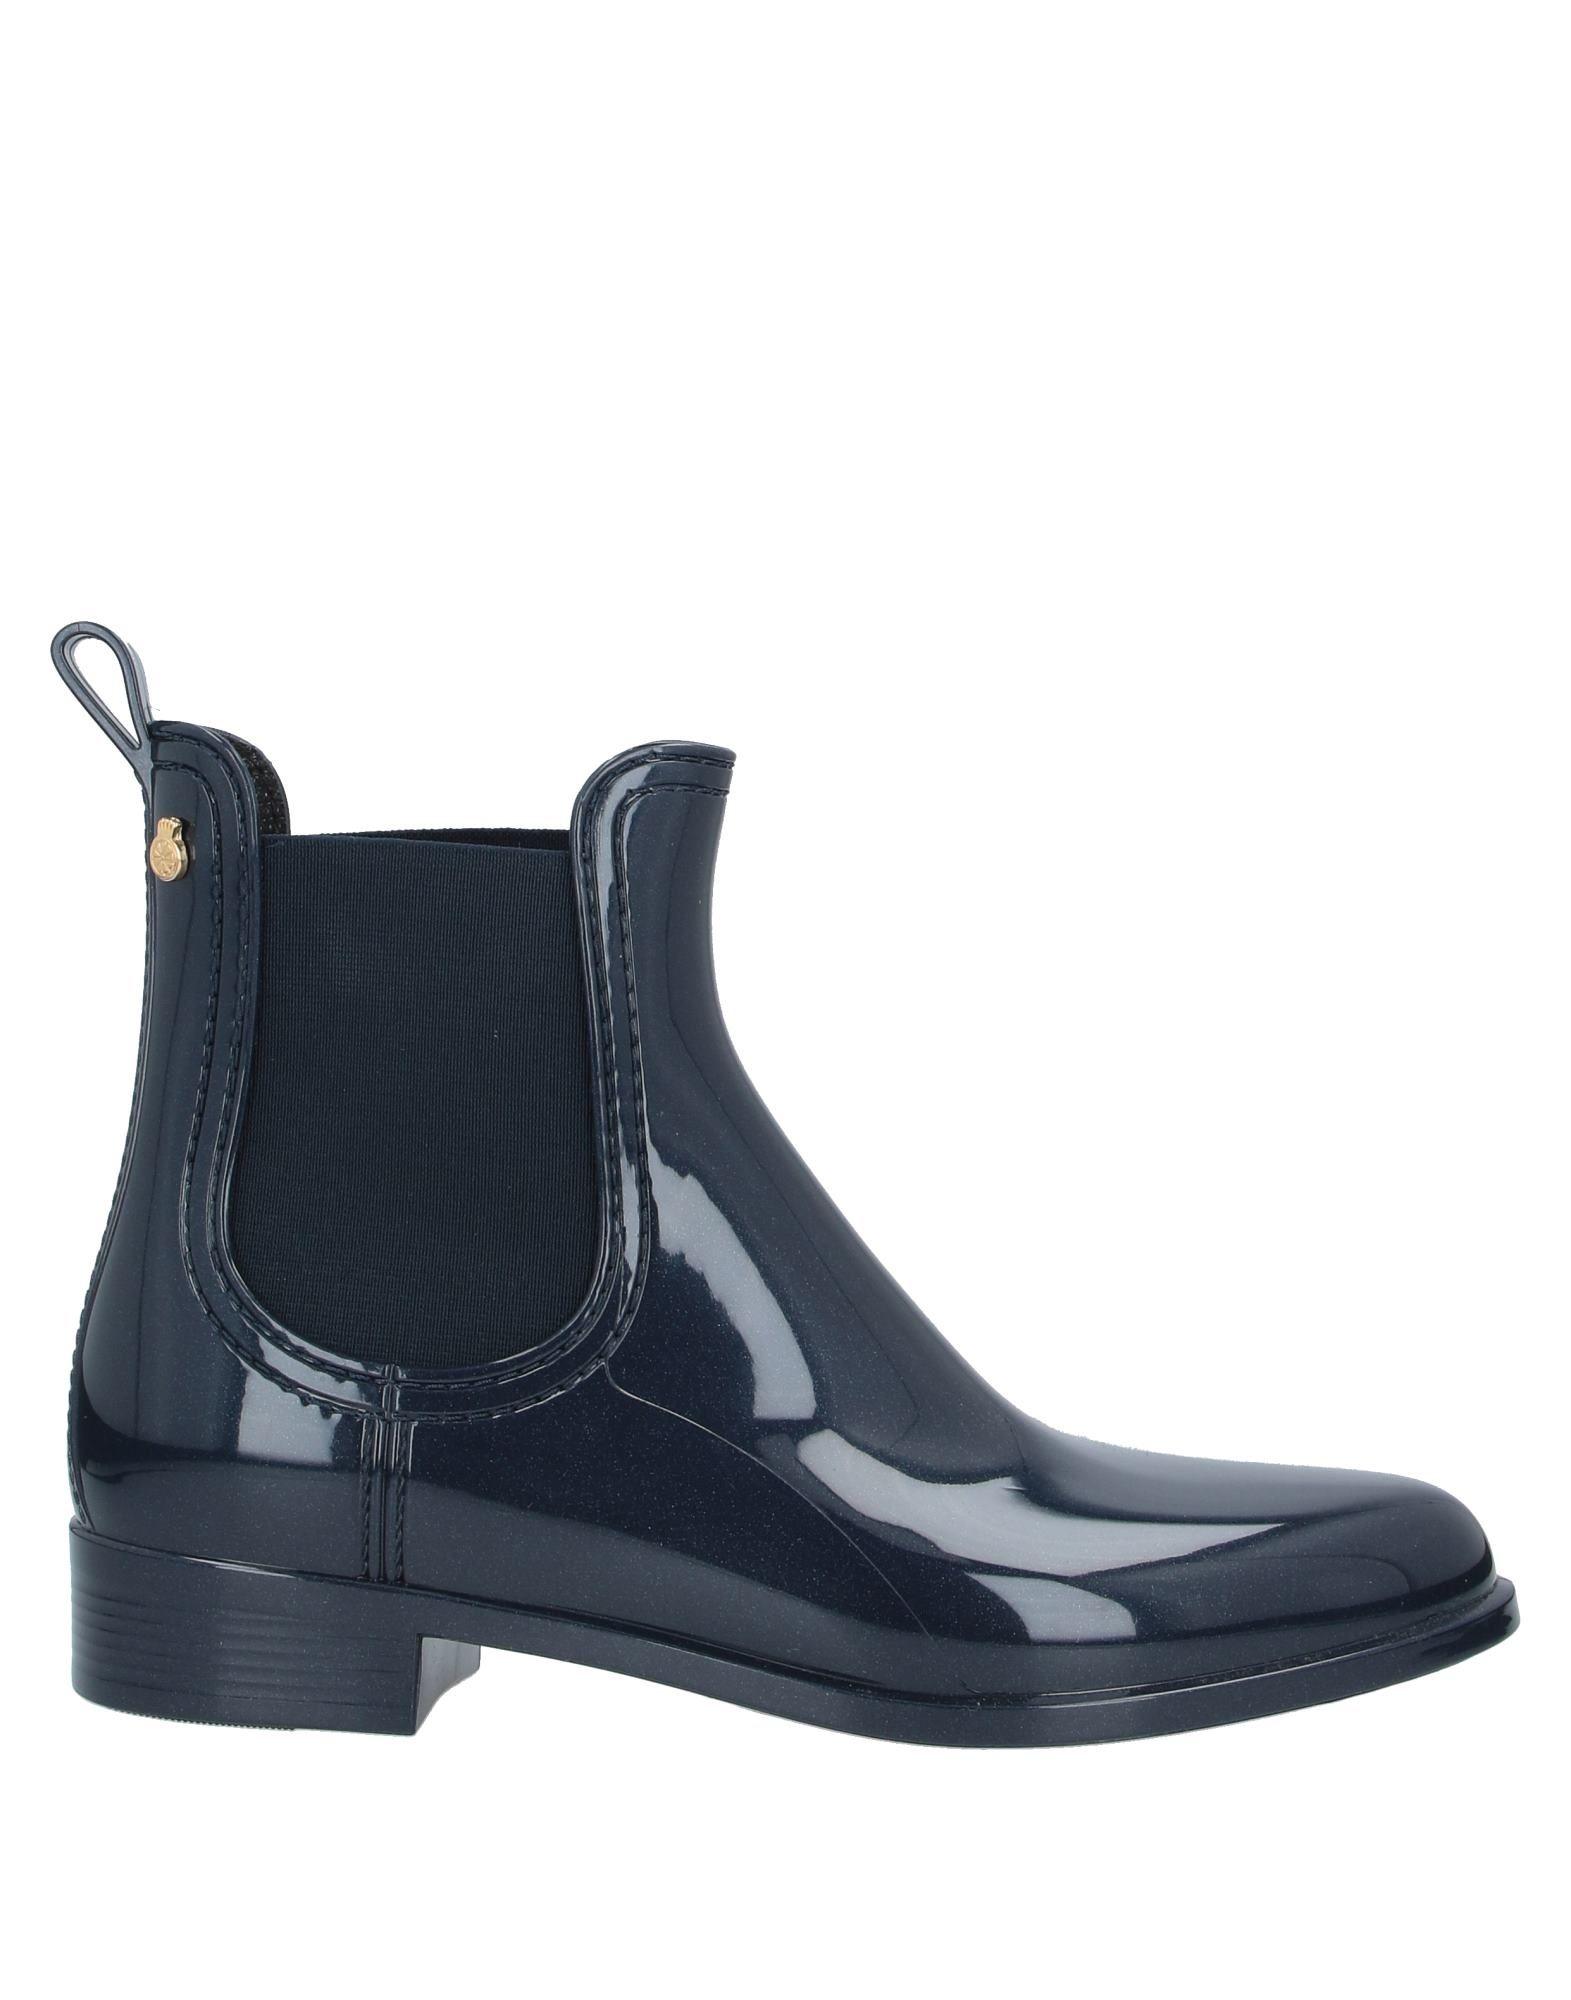 LEMON JELLY Полусапоги и высокие ботинки ecco® полусапоги и высокие ботинки